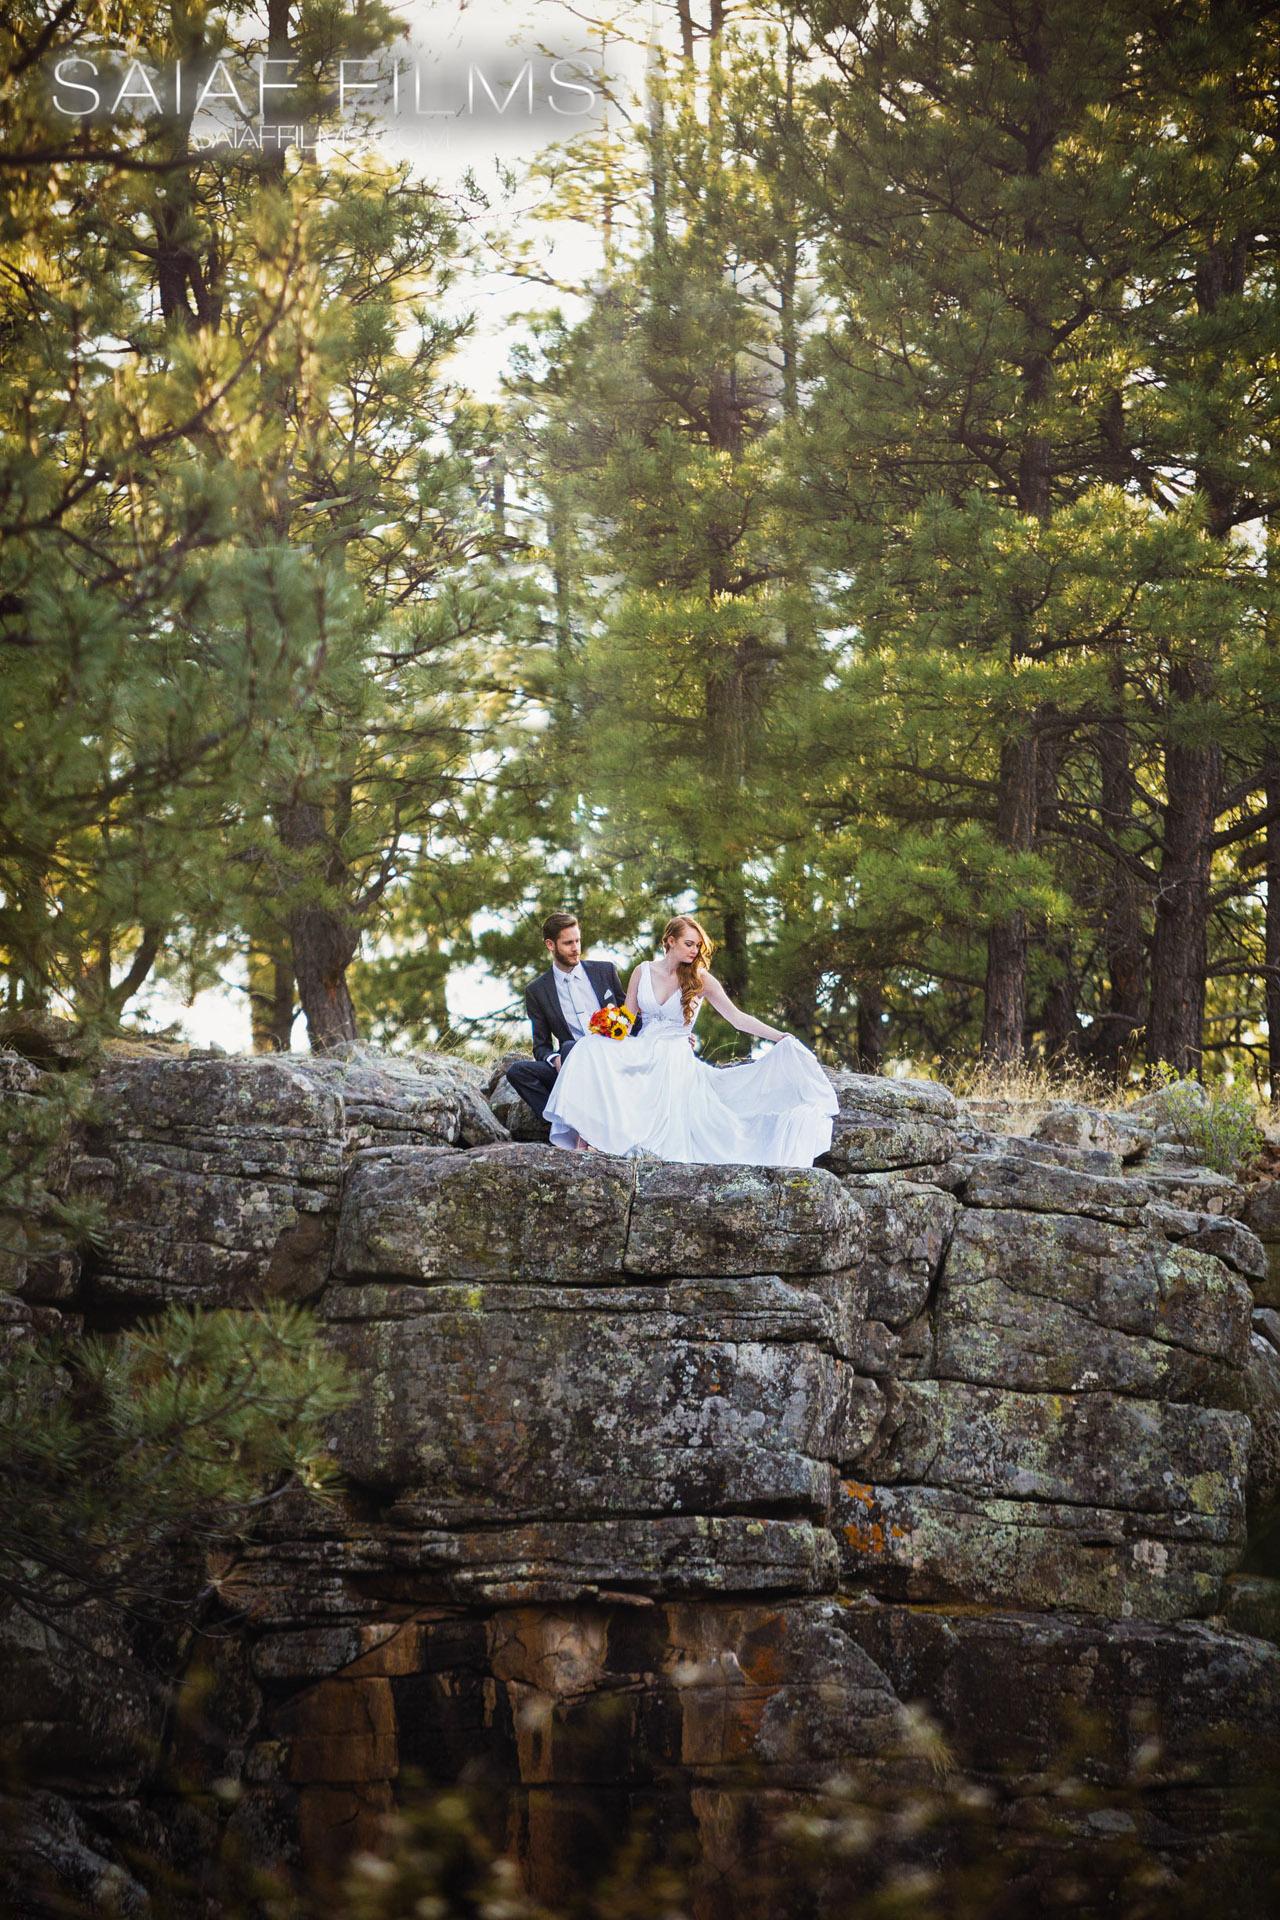 Top destination wedding ideas in the u s saiaf for Ideas for destination wedding